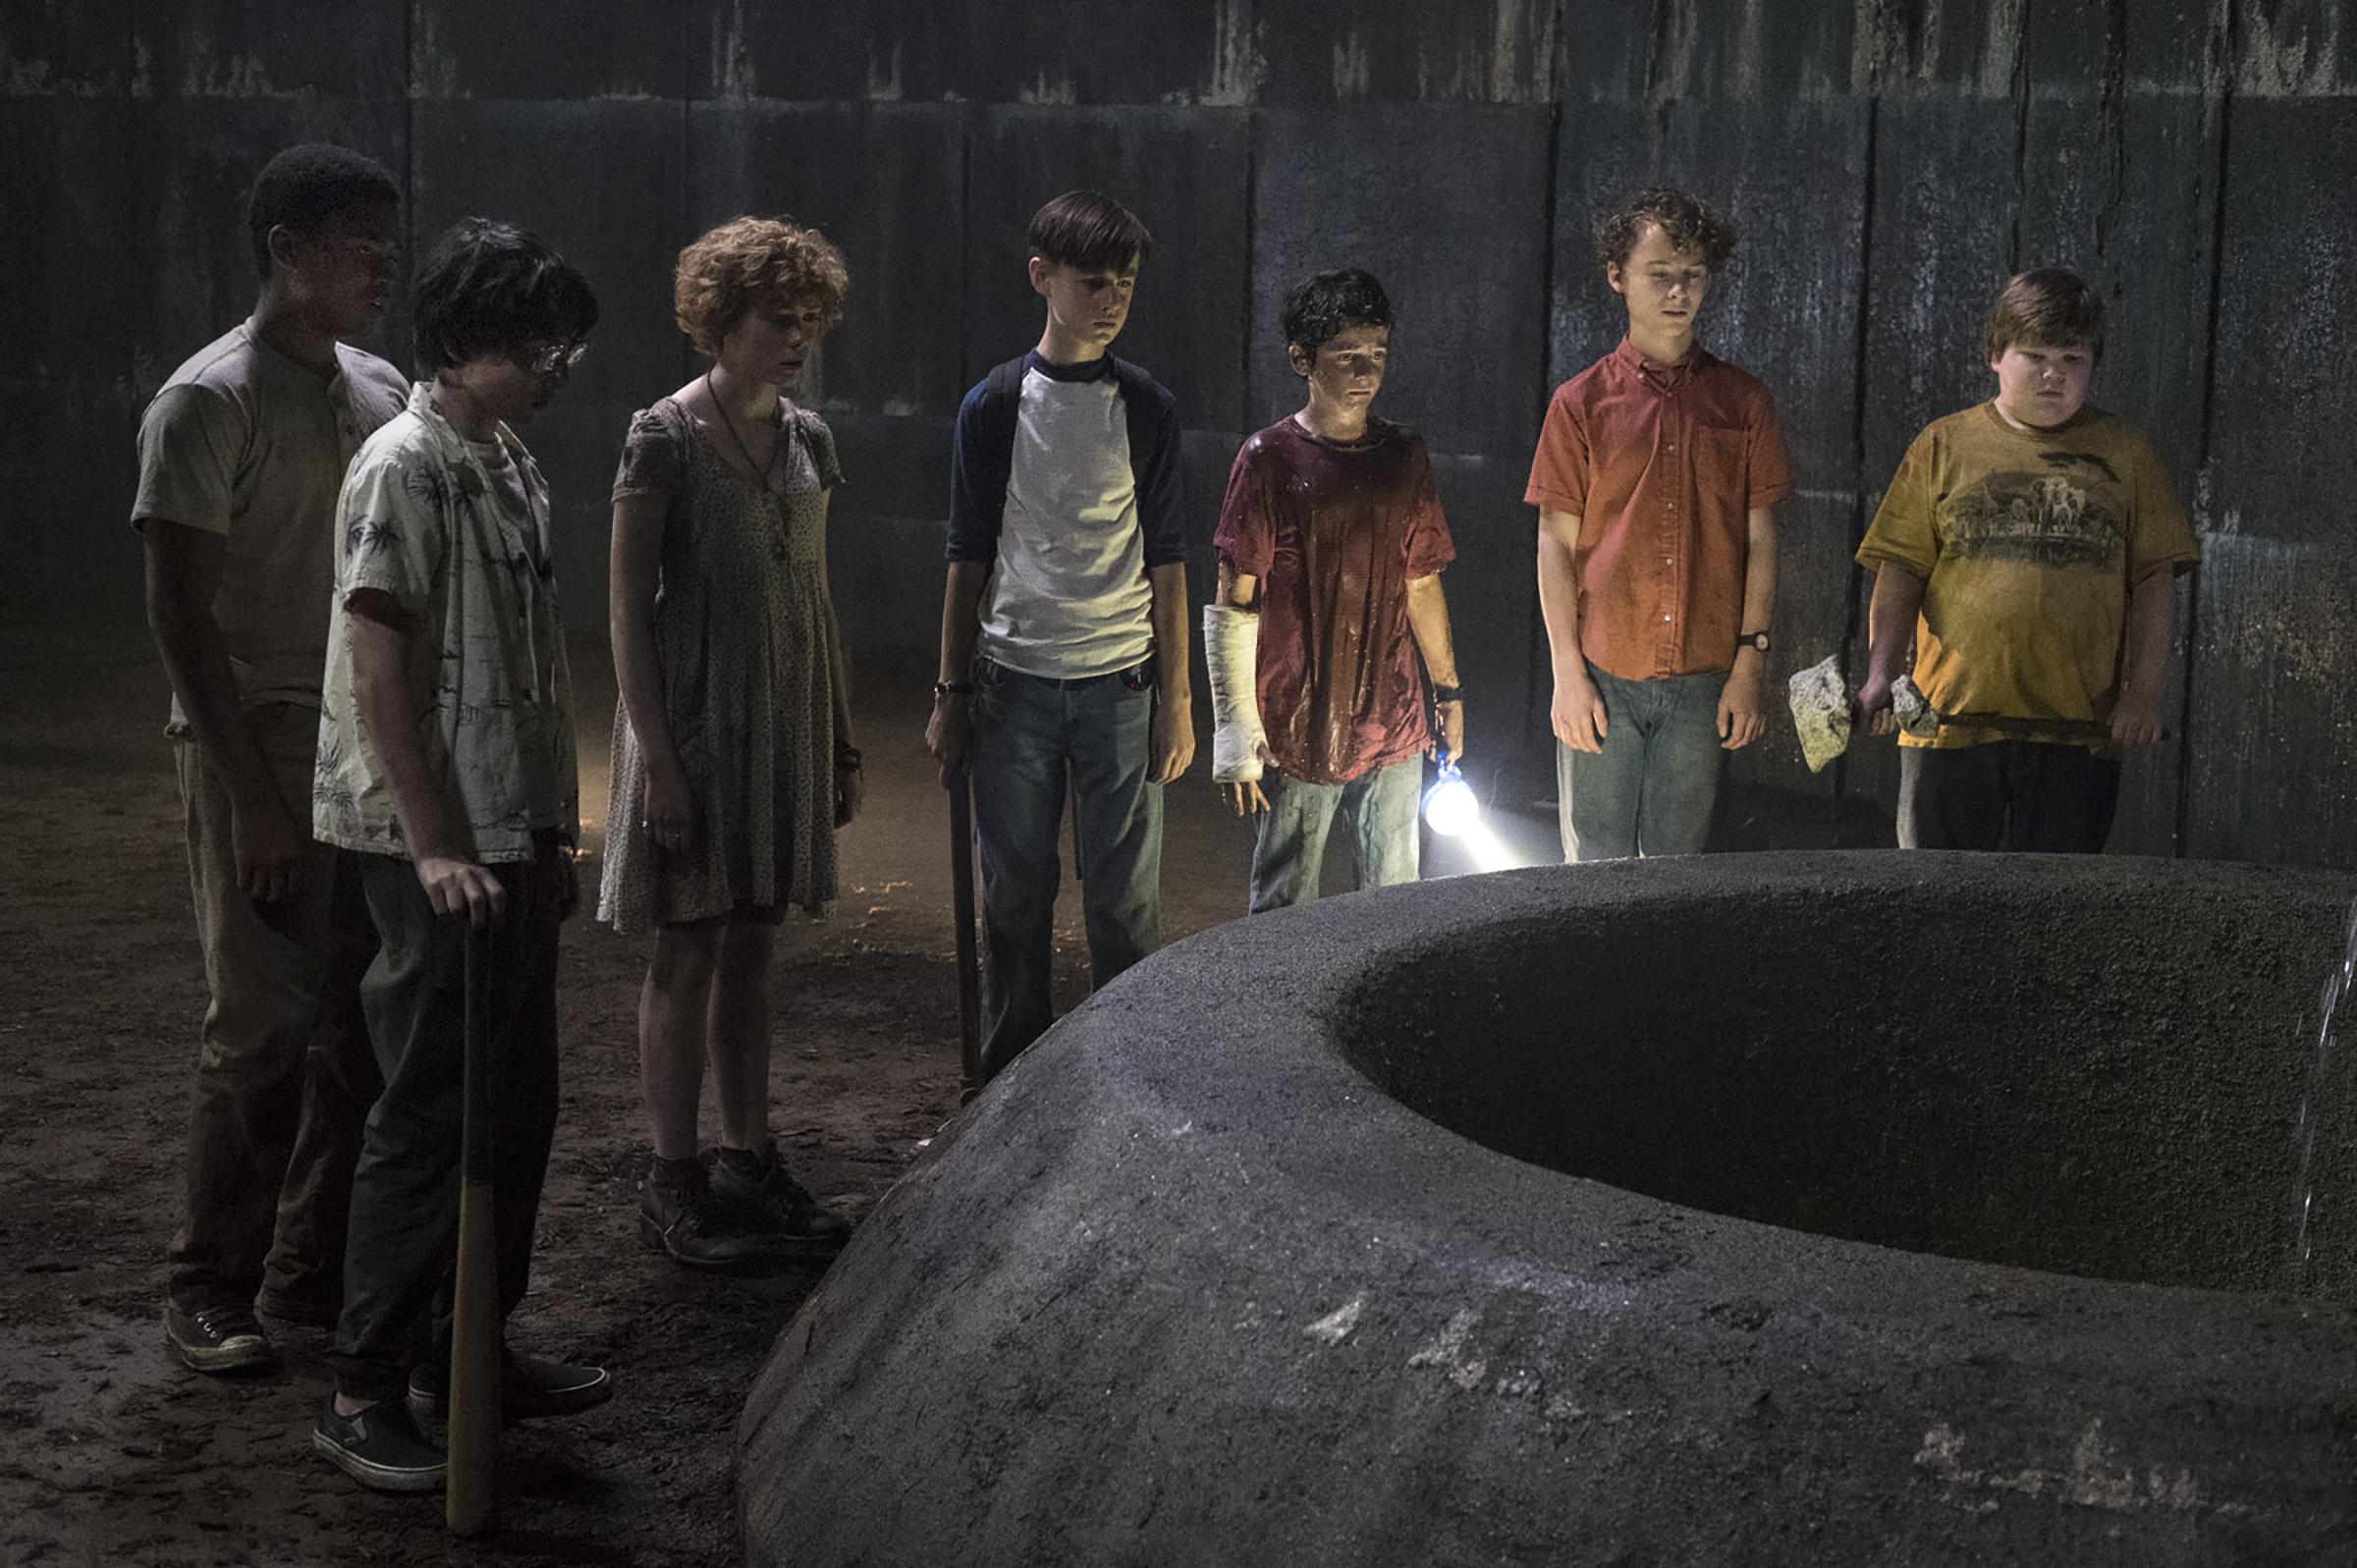 Gặp những đứa trẻ này trong phim thì đến ma quỷ cũng phải khóc thét! - Ảnh 1.